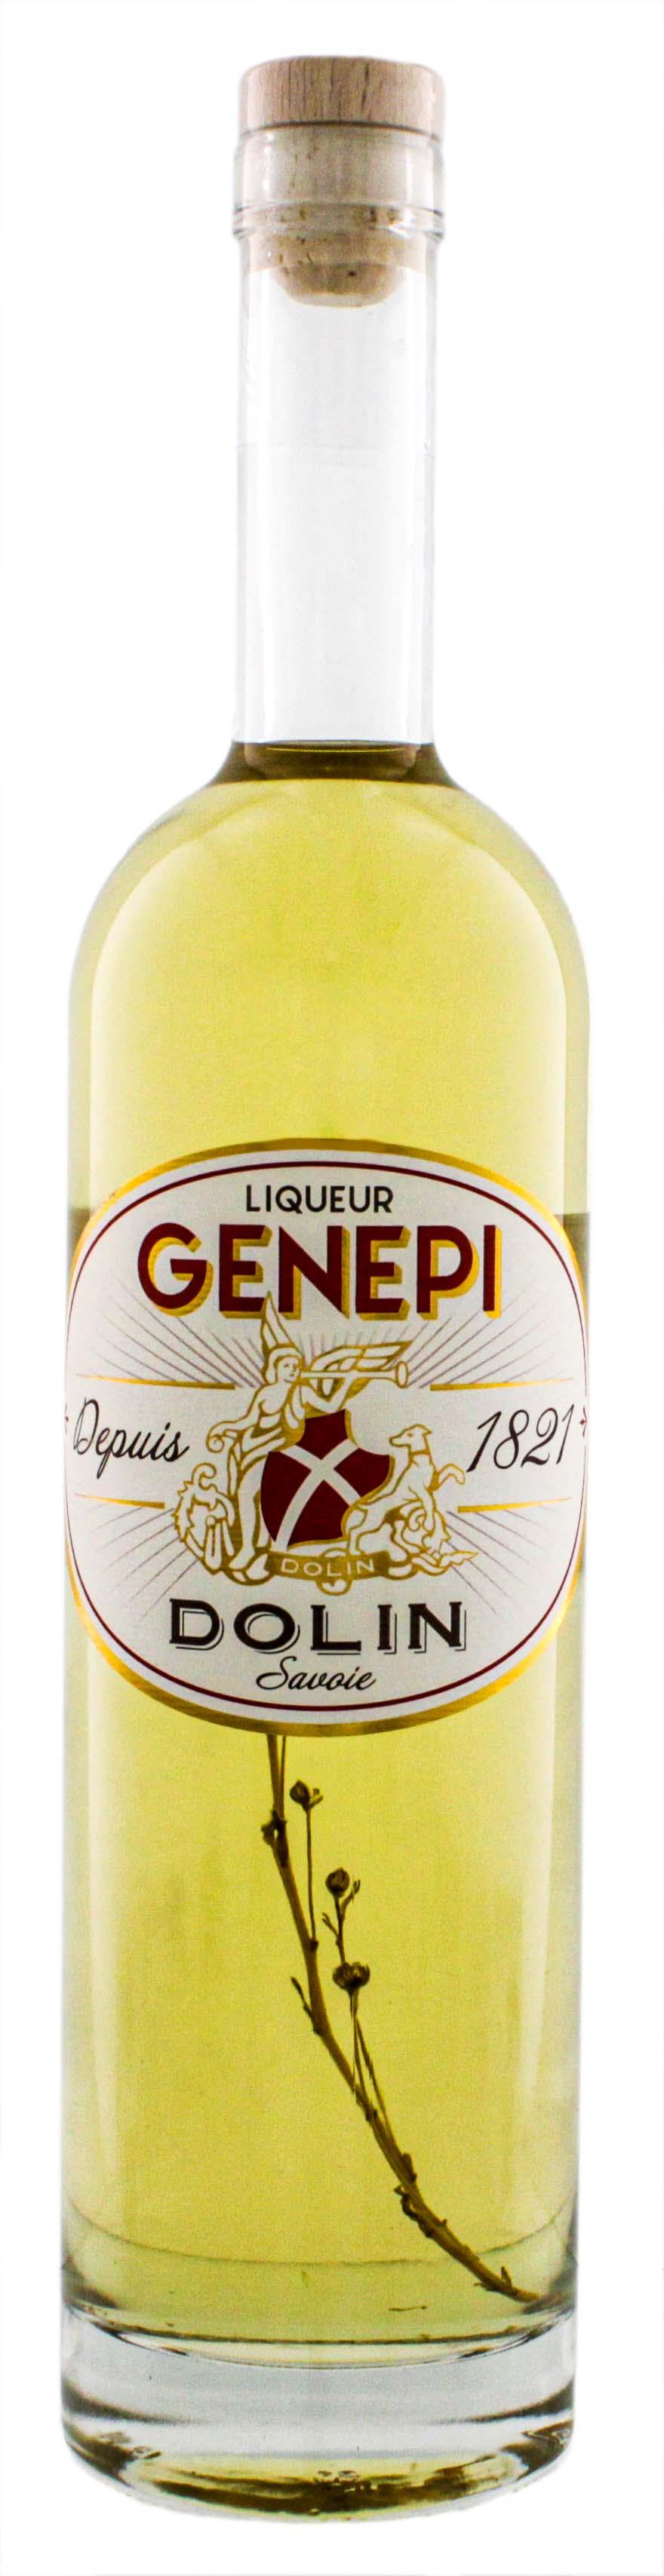 Dolin Genepi Liquer 1821 Brin 0,7L